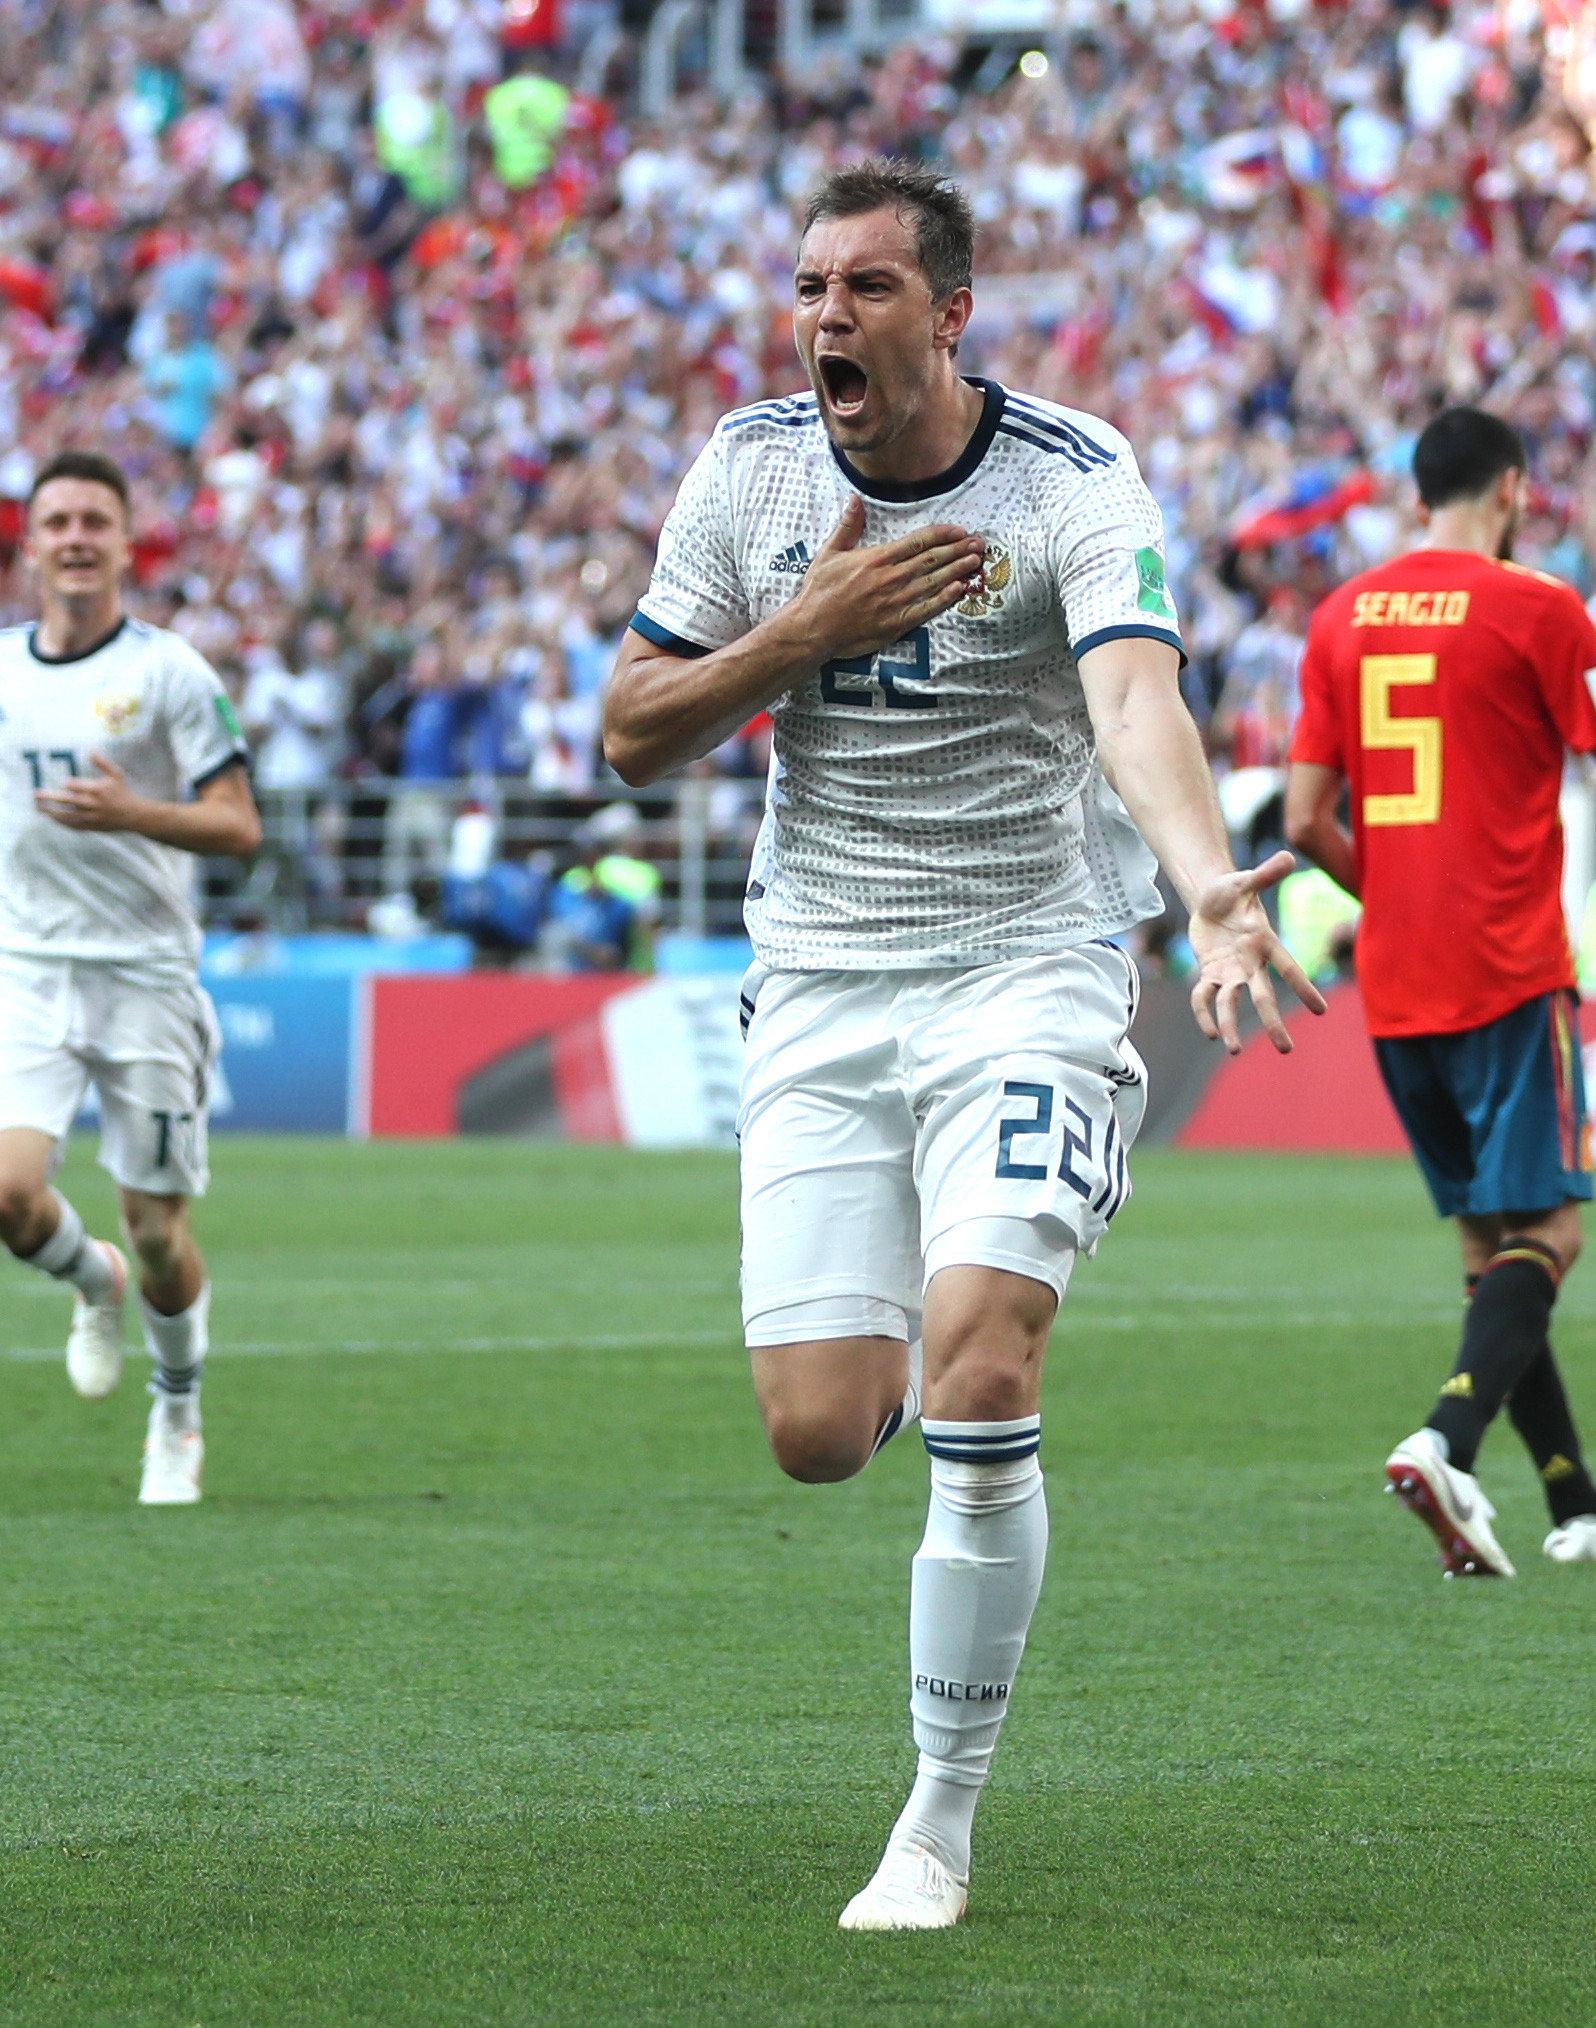 Dopt Russlands WM-Team? Foto nährt düsteren Verdacht bei